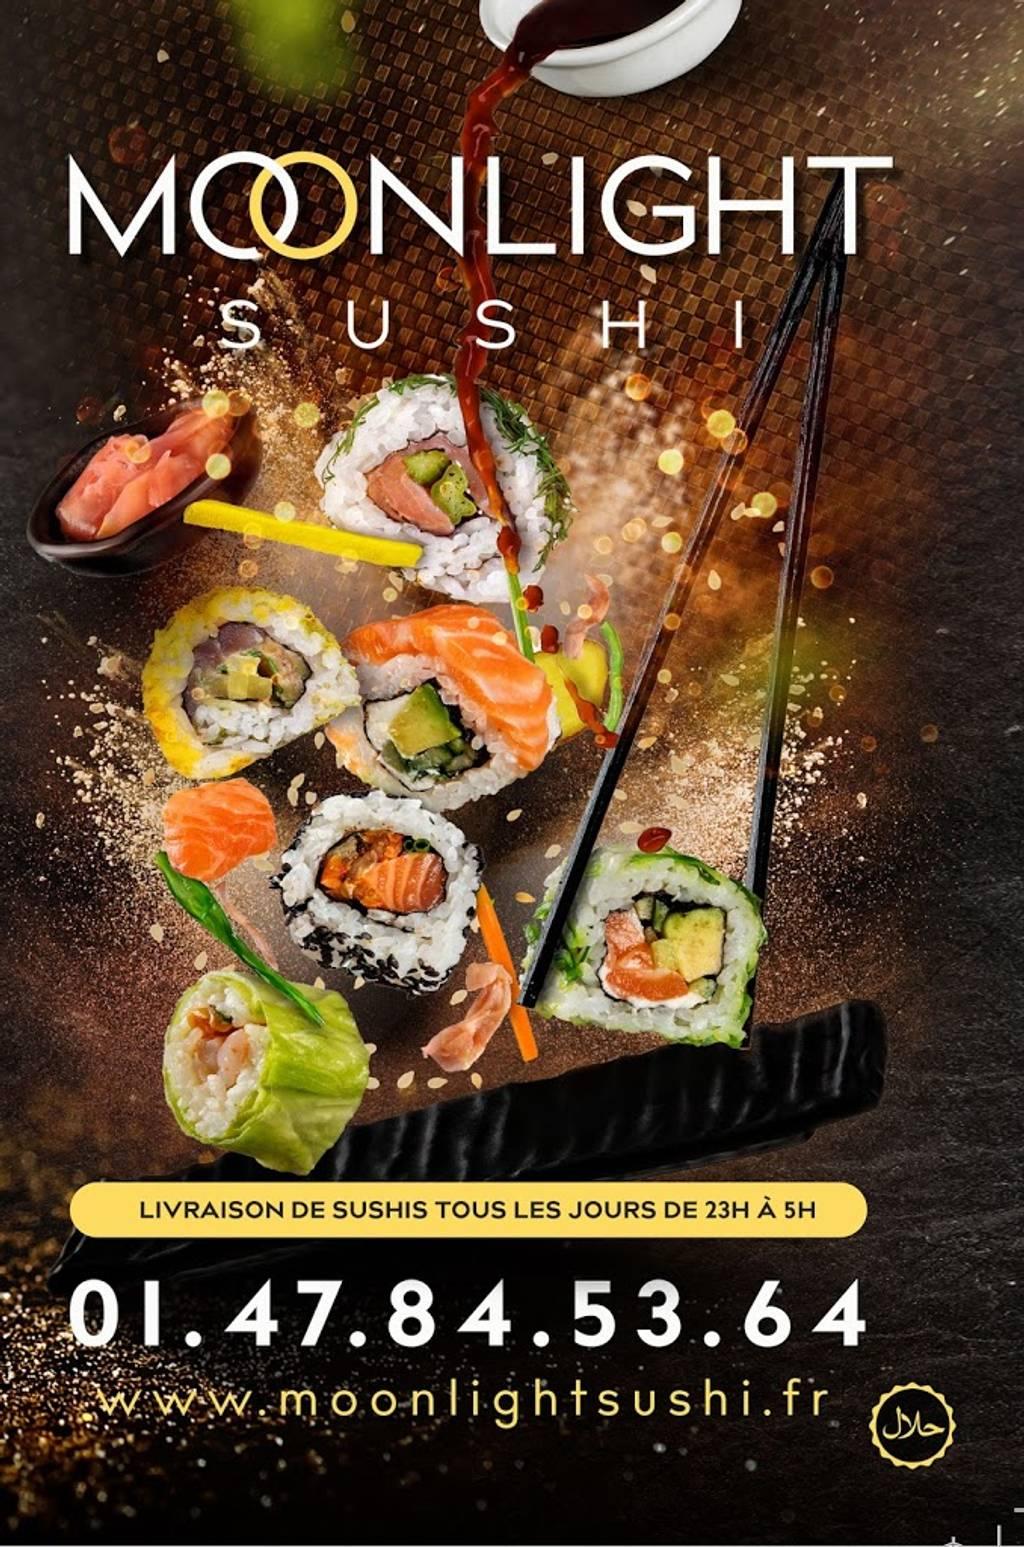 Livraison Sushi Nuit Paris Moonlight Sushi - De 9h à 9h